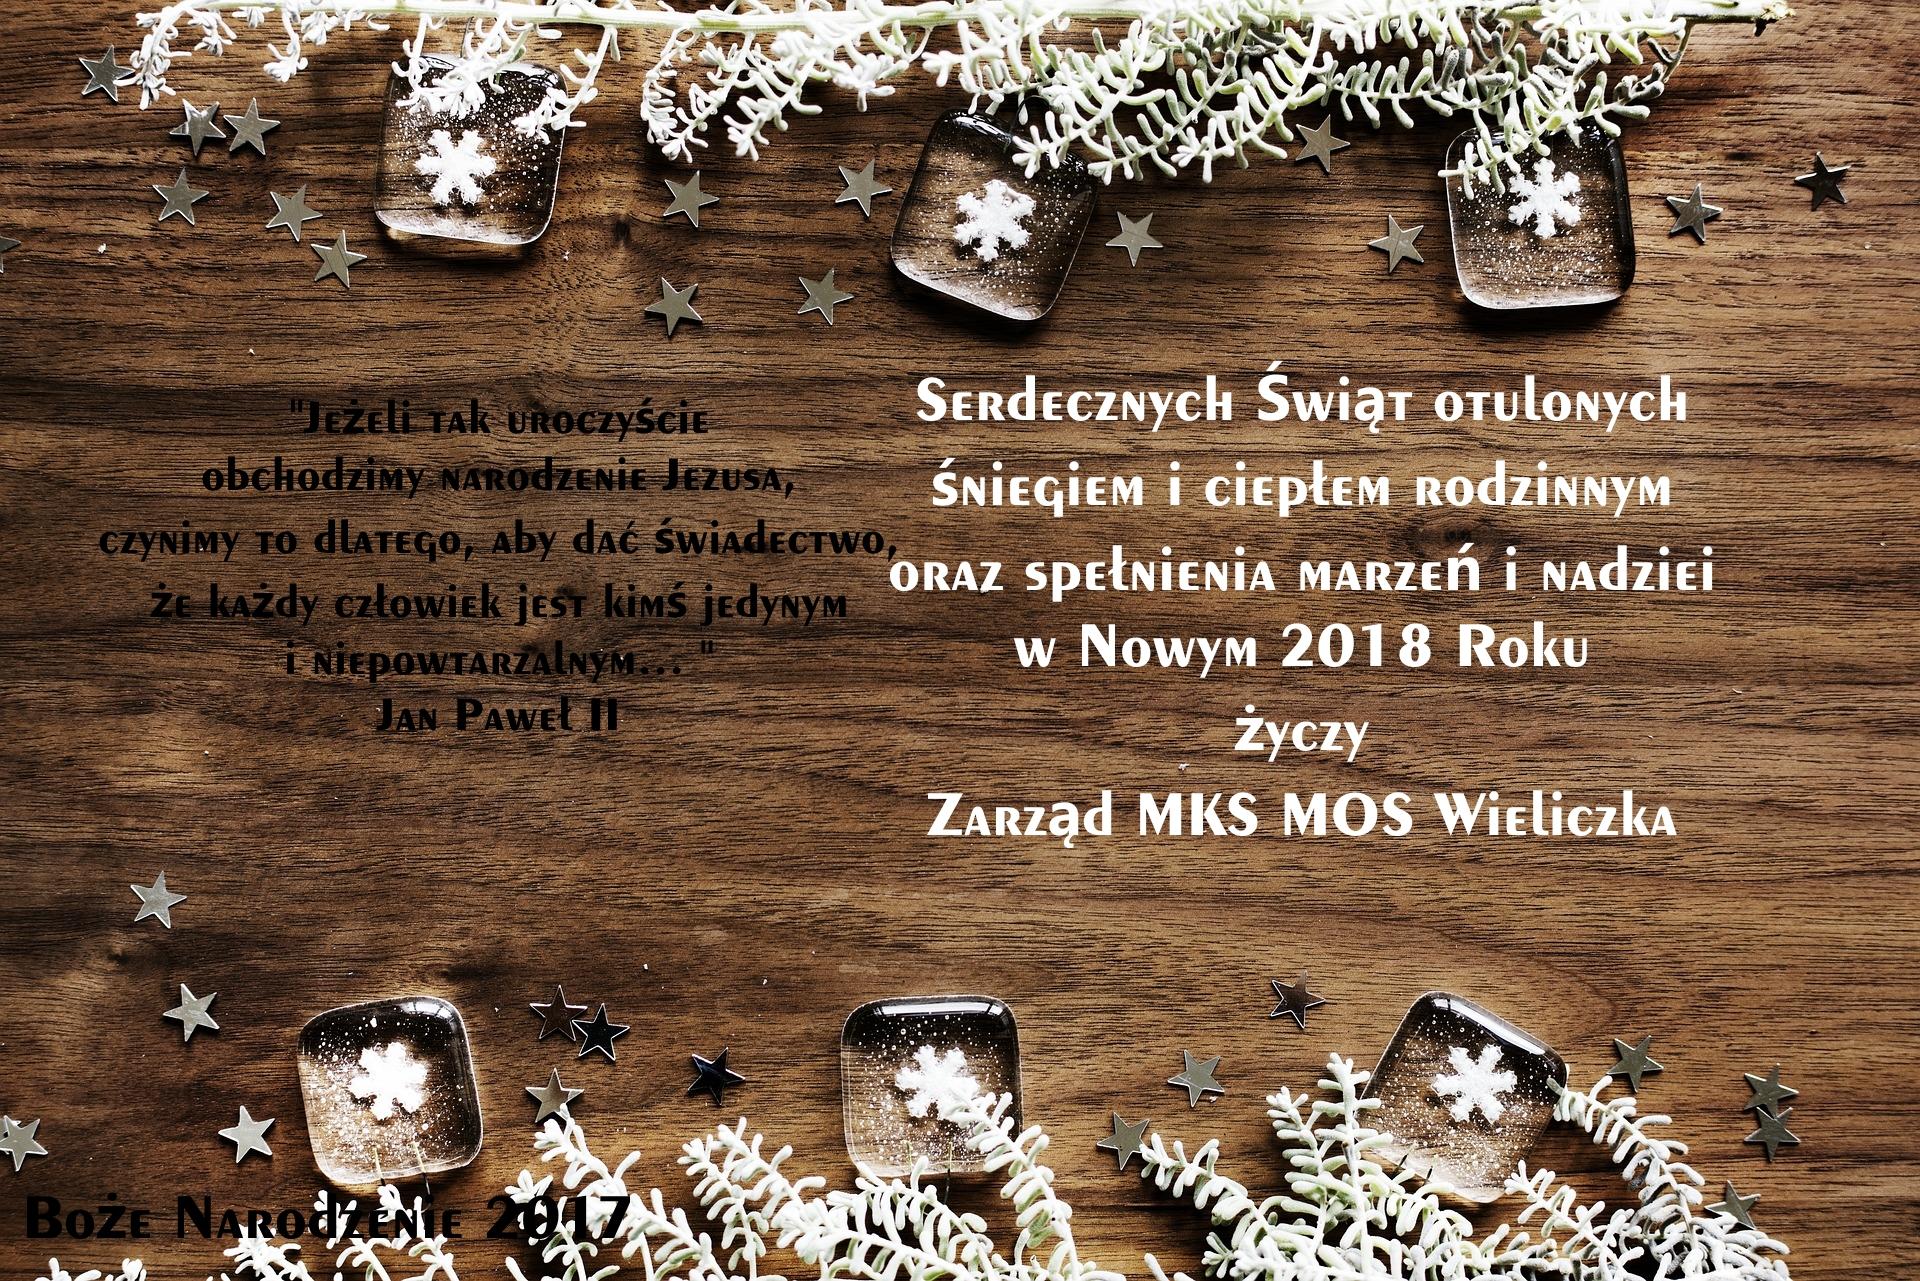 MKS MOS Wieliczka